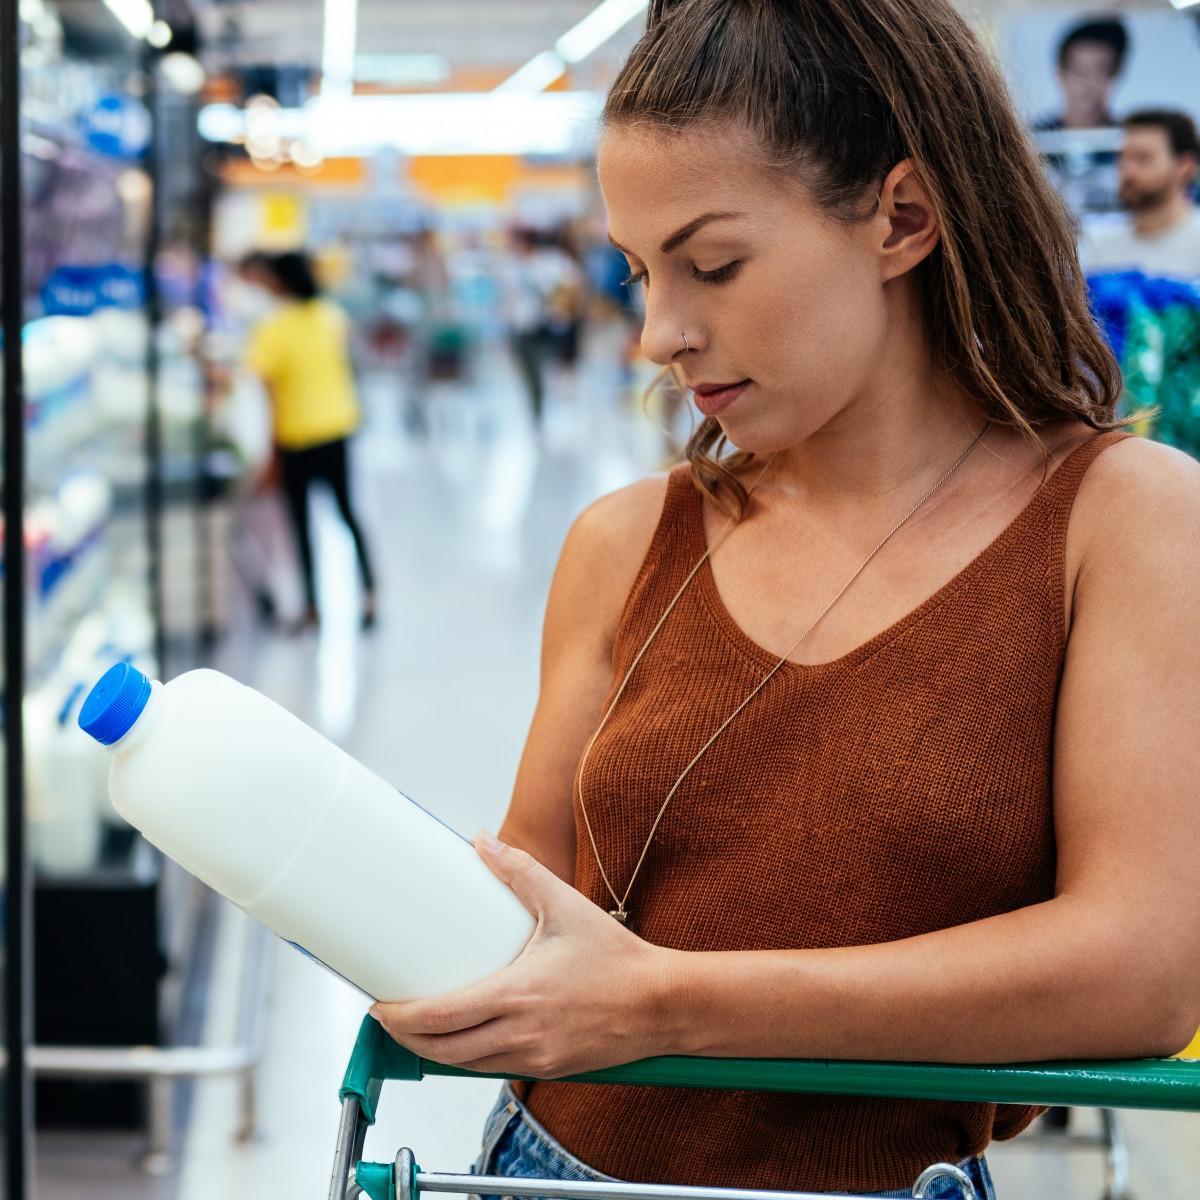 How much is a bottle of milk? - Wieviel kostet eine Flasche Milch?